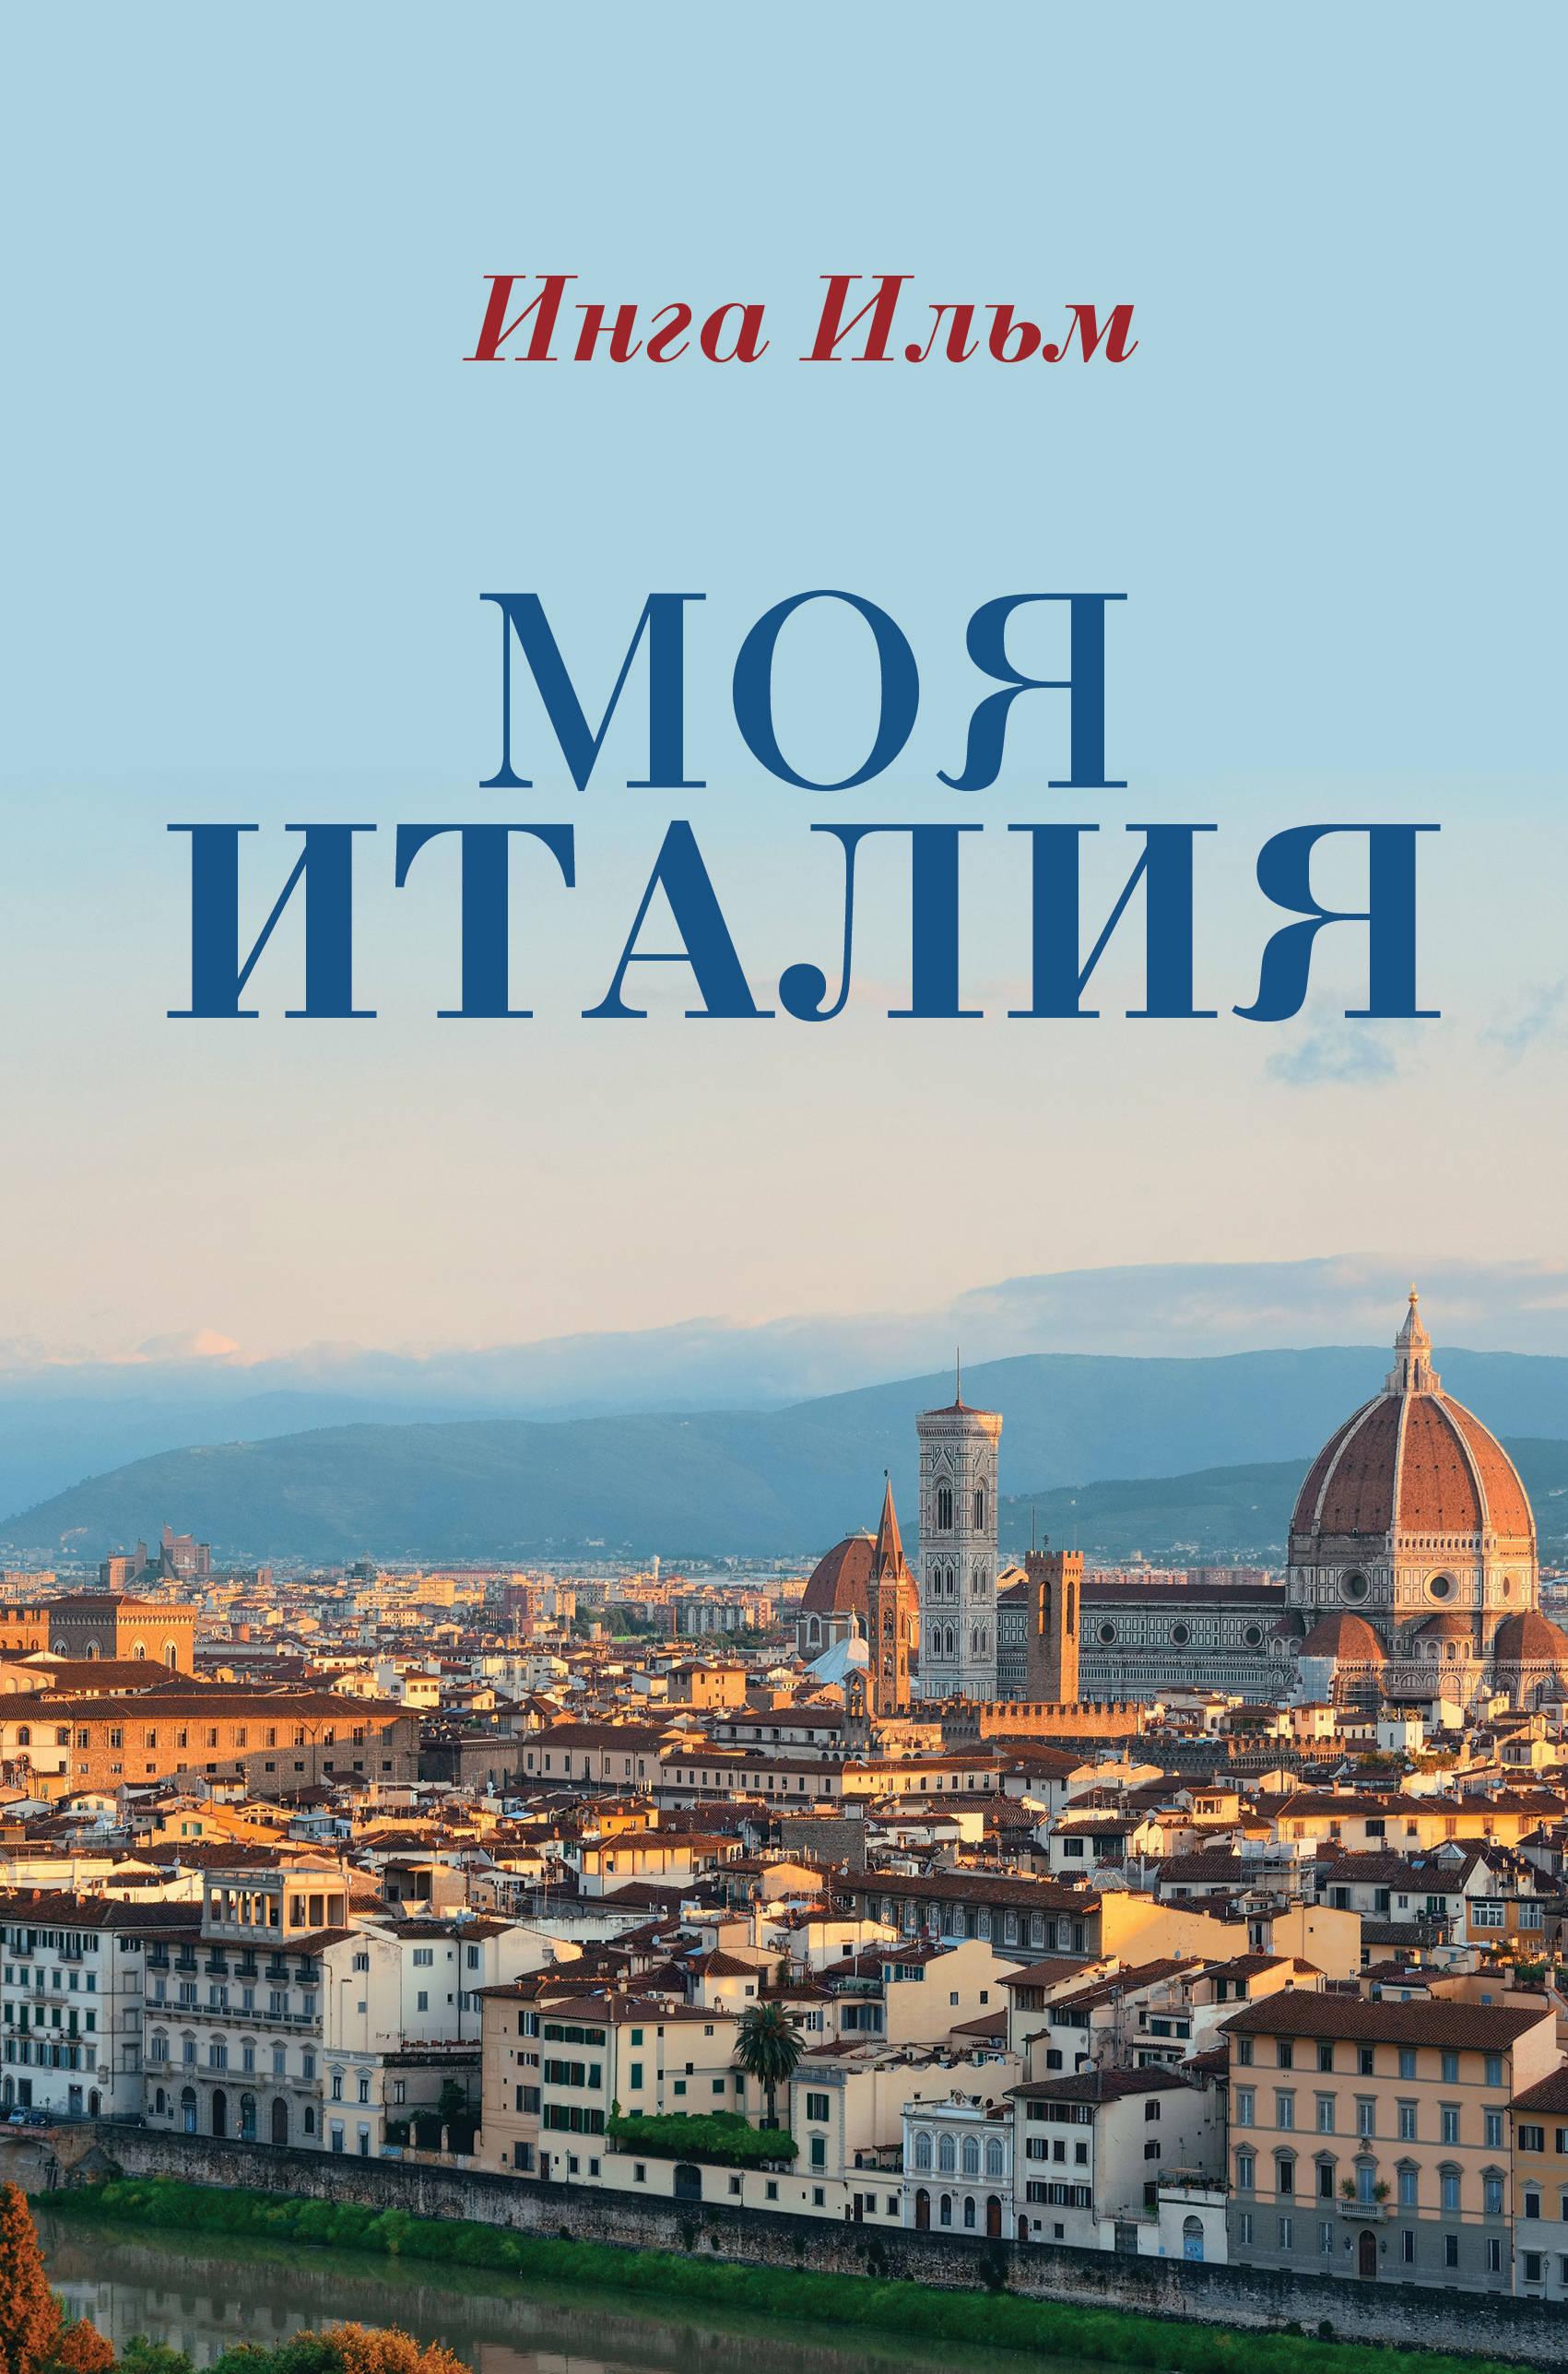 Инга Ильм Моя Италия